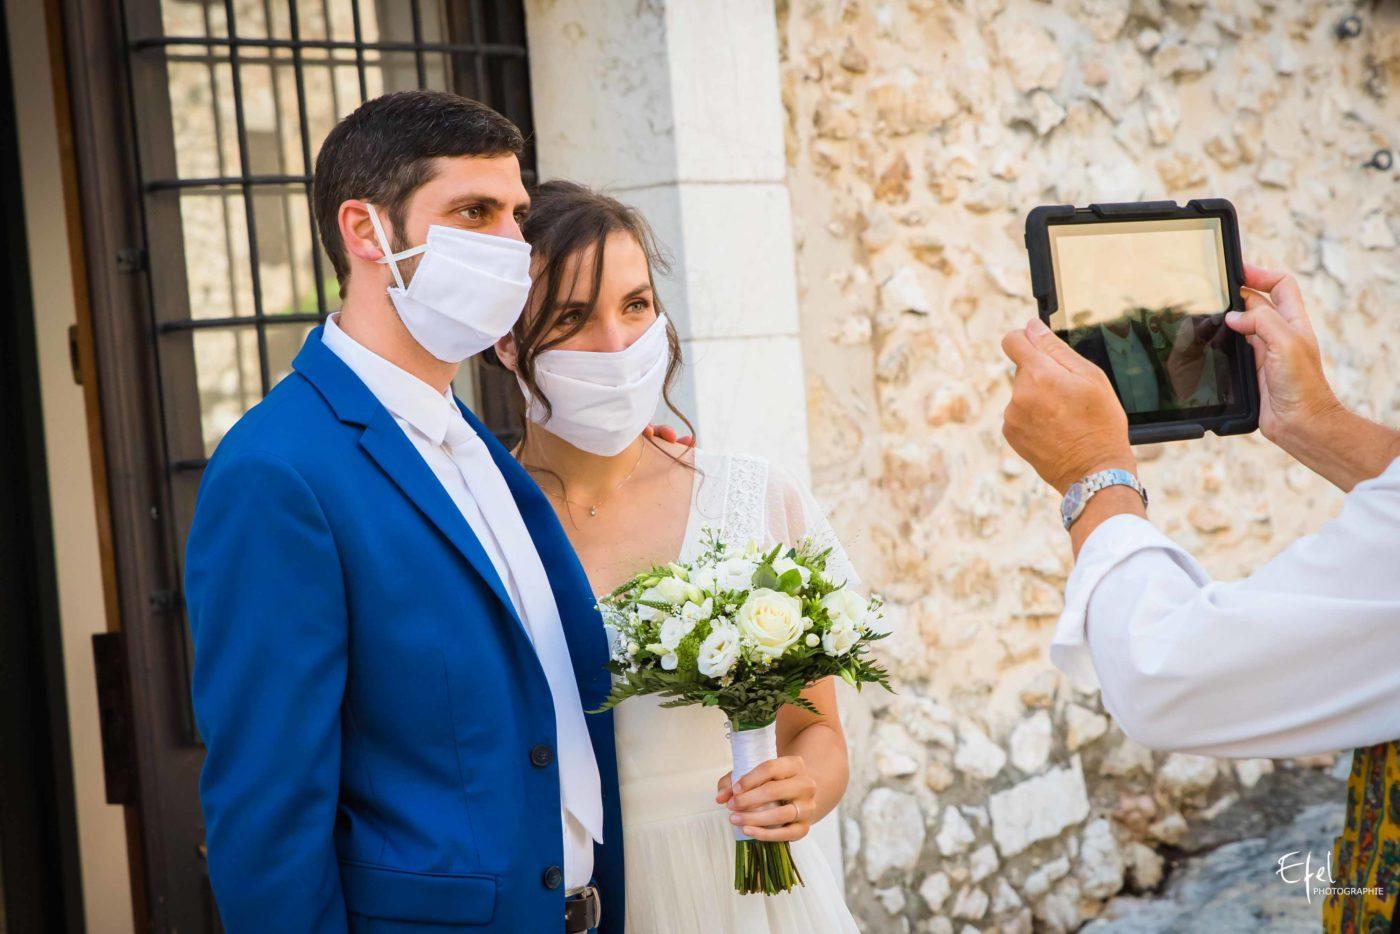 photo cérémonie de mariage civile, les mariés attendent devant la mairie photographe dans les hautes alpes et en Provence